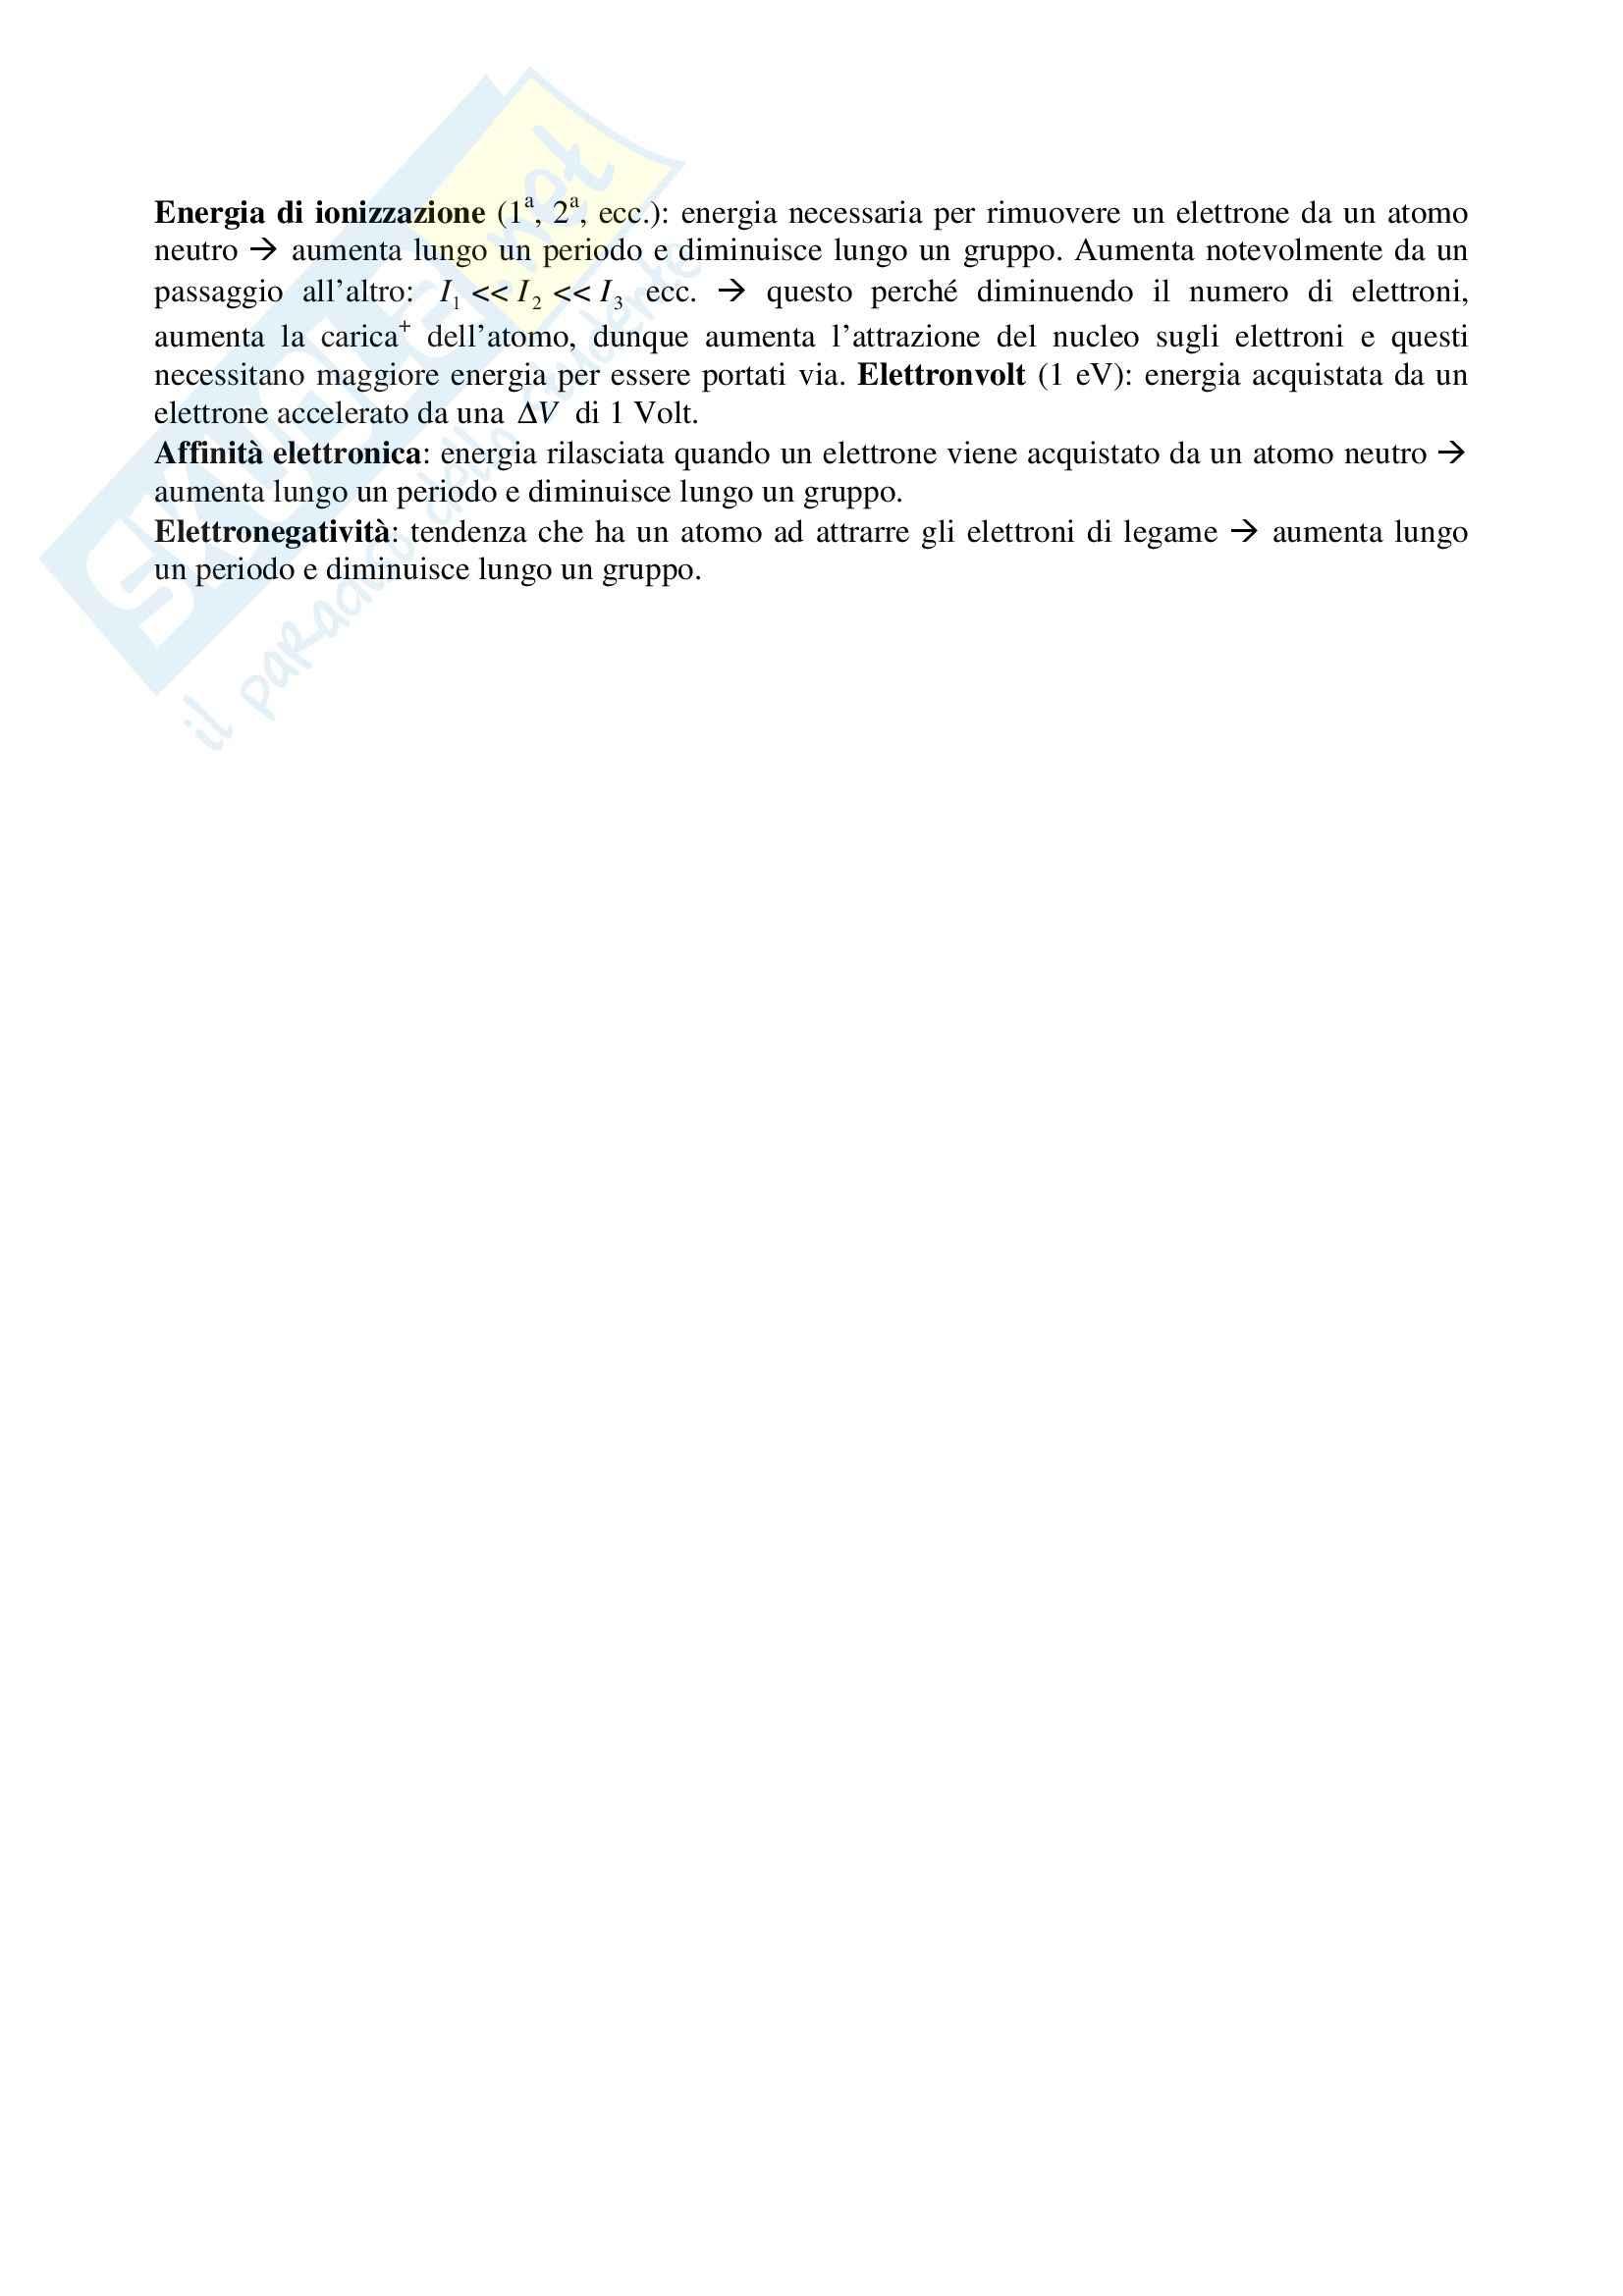 Riassunto esame Chimica, prof. Cardellini, libro consigliato Mindtools: strategie per il problem solving in chimica Pag. 6